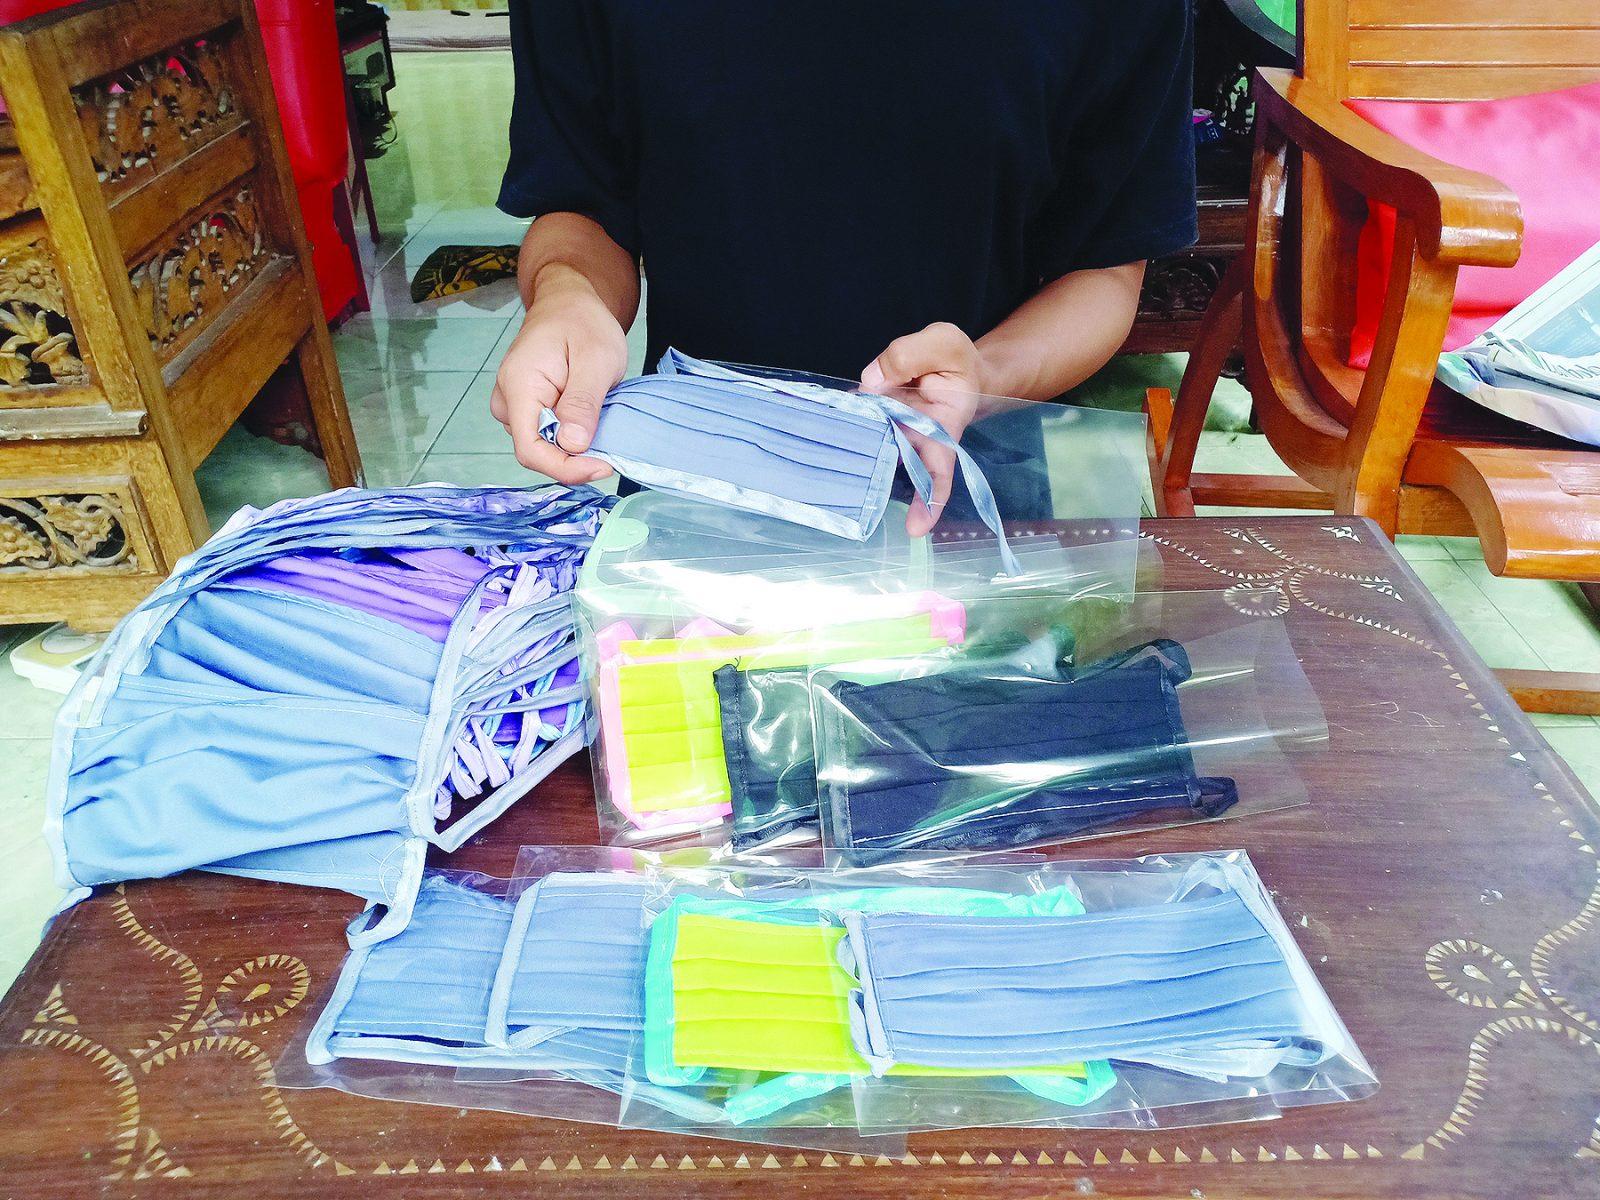 Upaya Warga Kota Mataram di saat Harga Masker Meroket